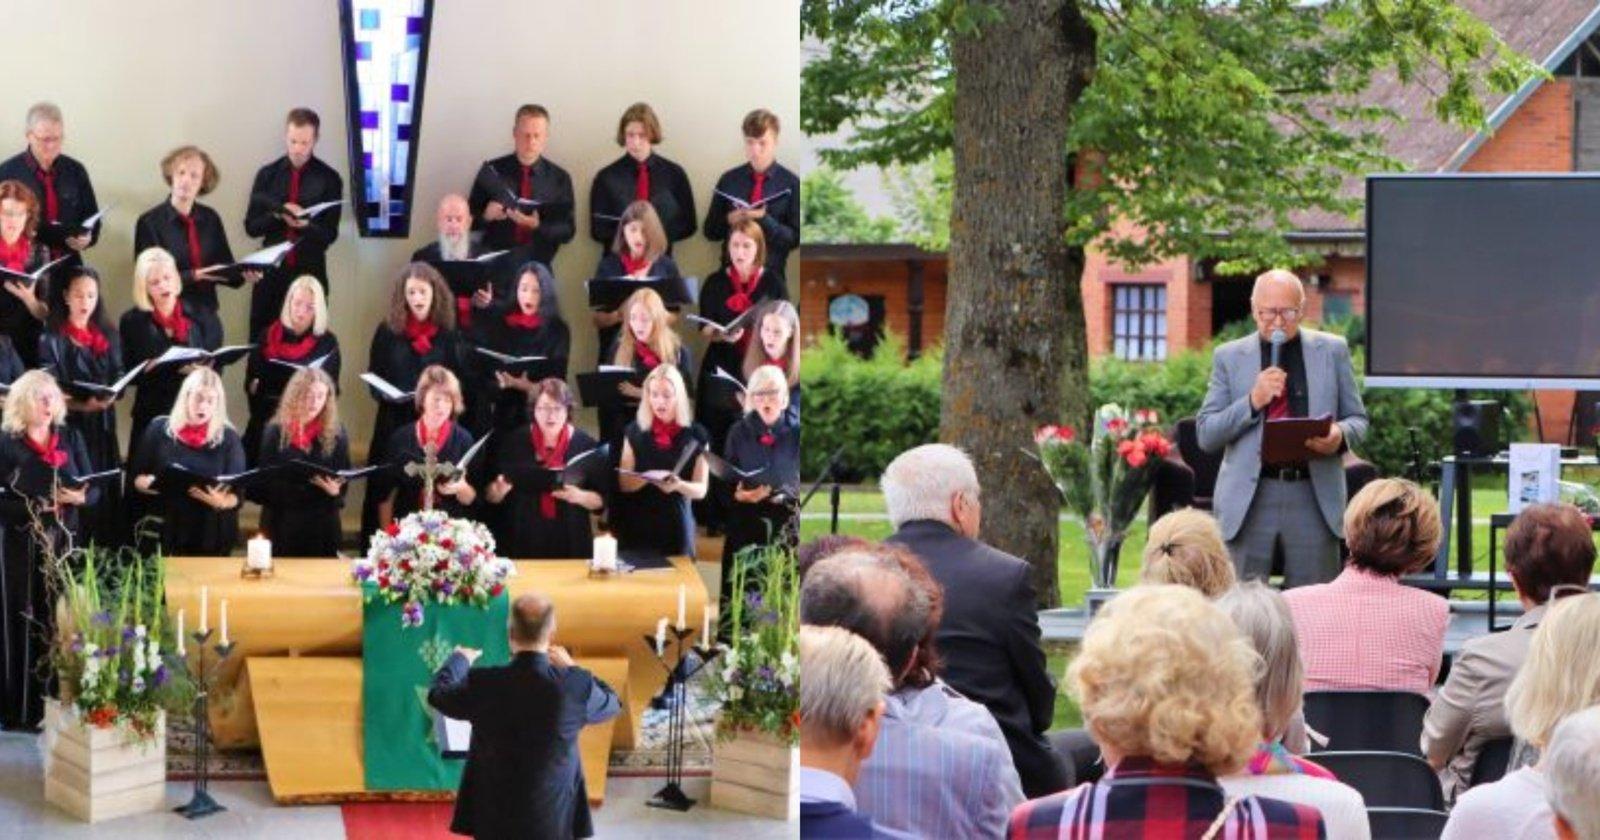 Jurbarko krašto šventė užbaigta iškilmingomis pamaldomis ir aktyviomis veiklomis